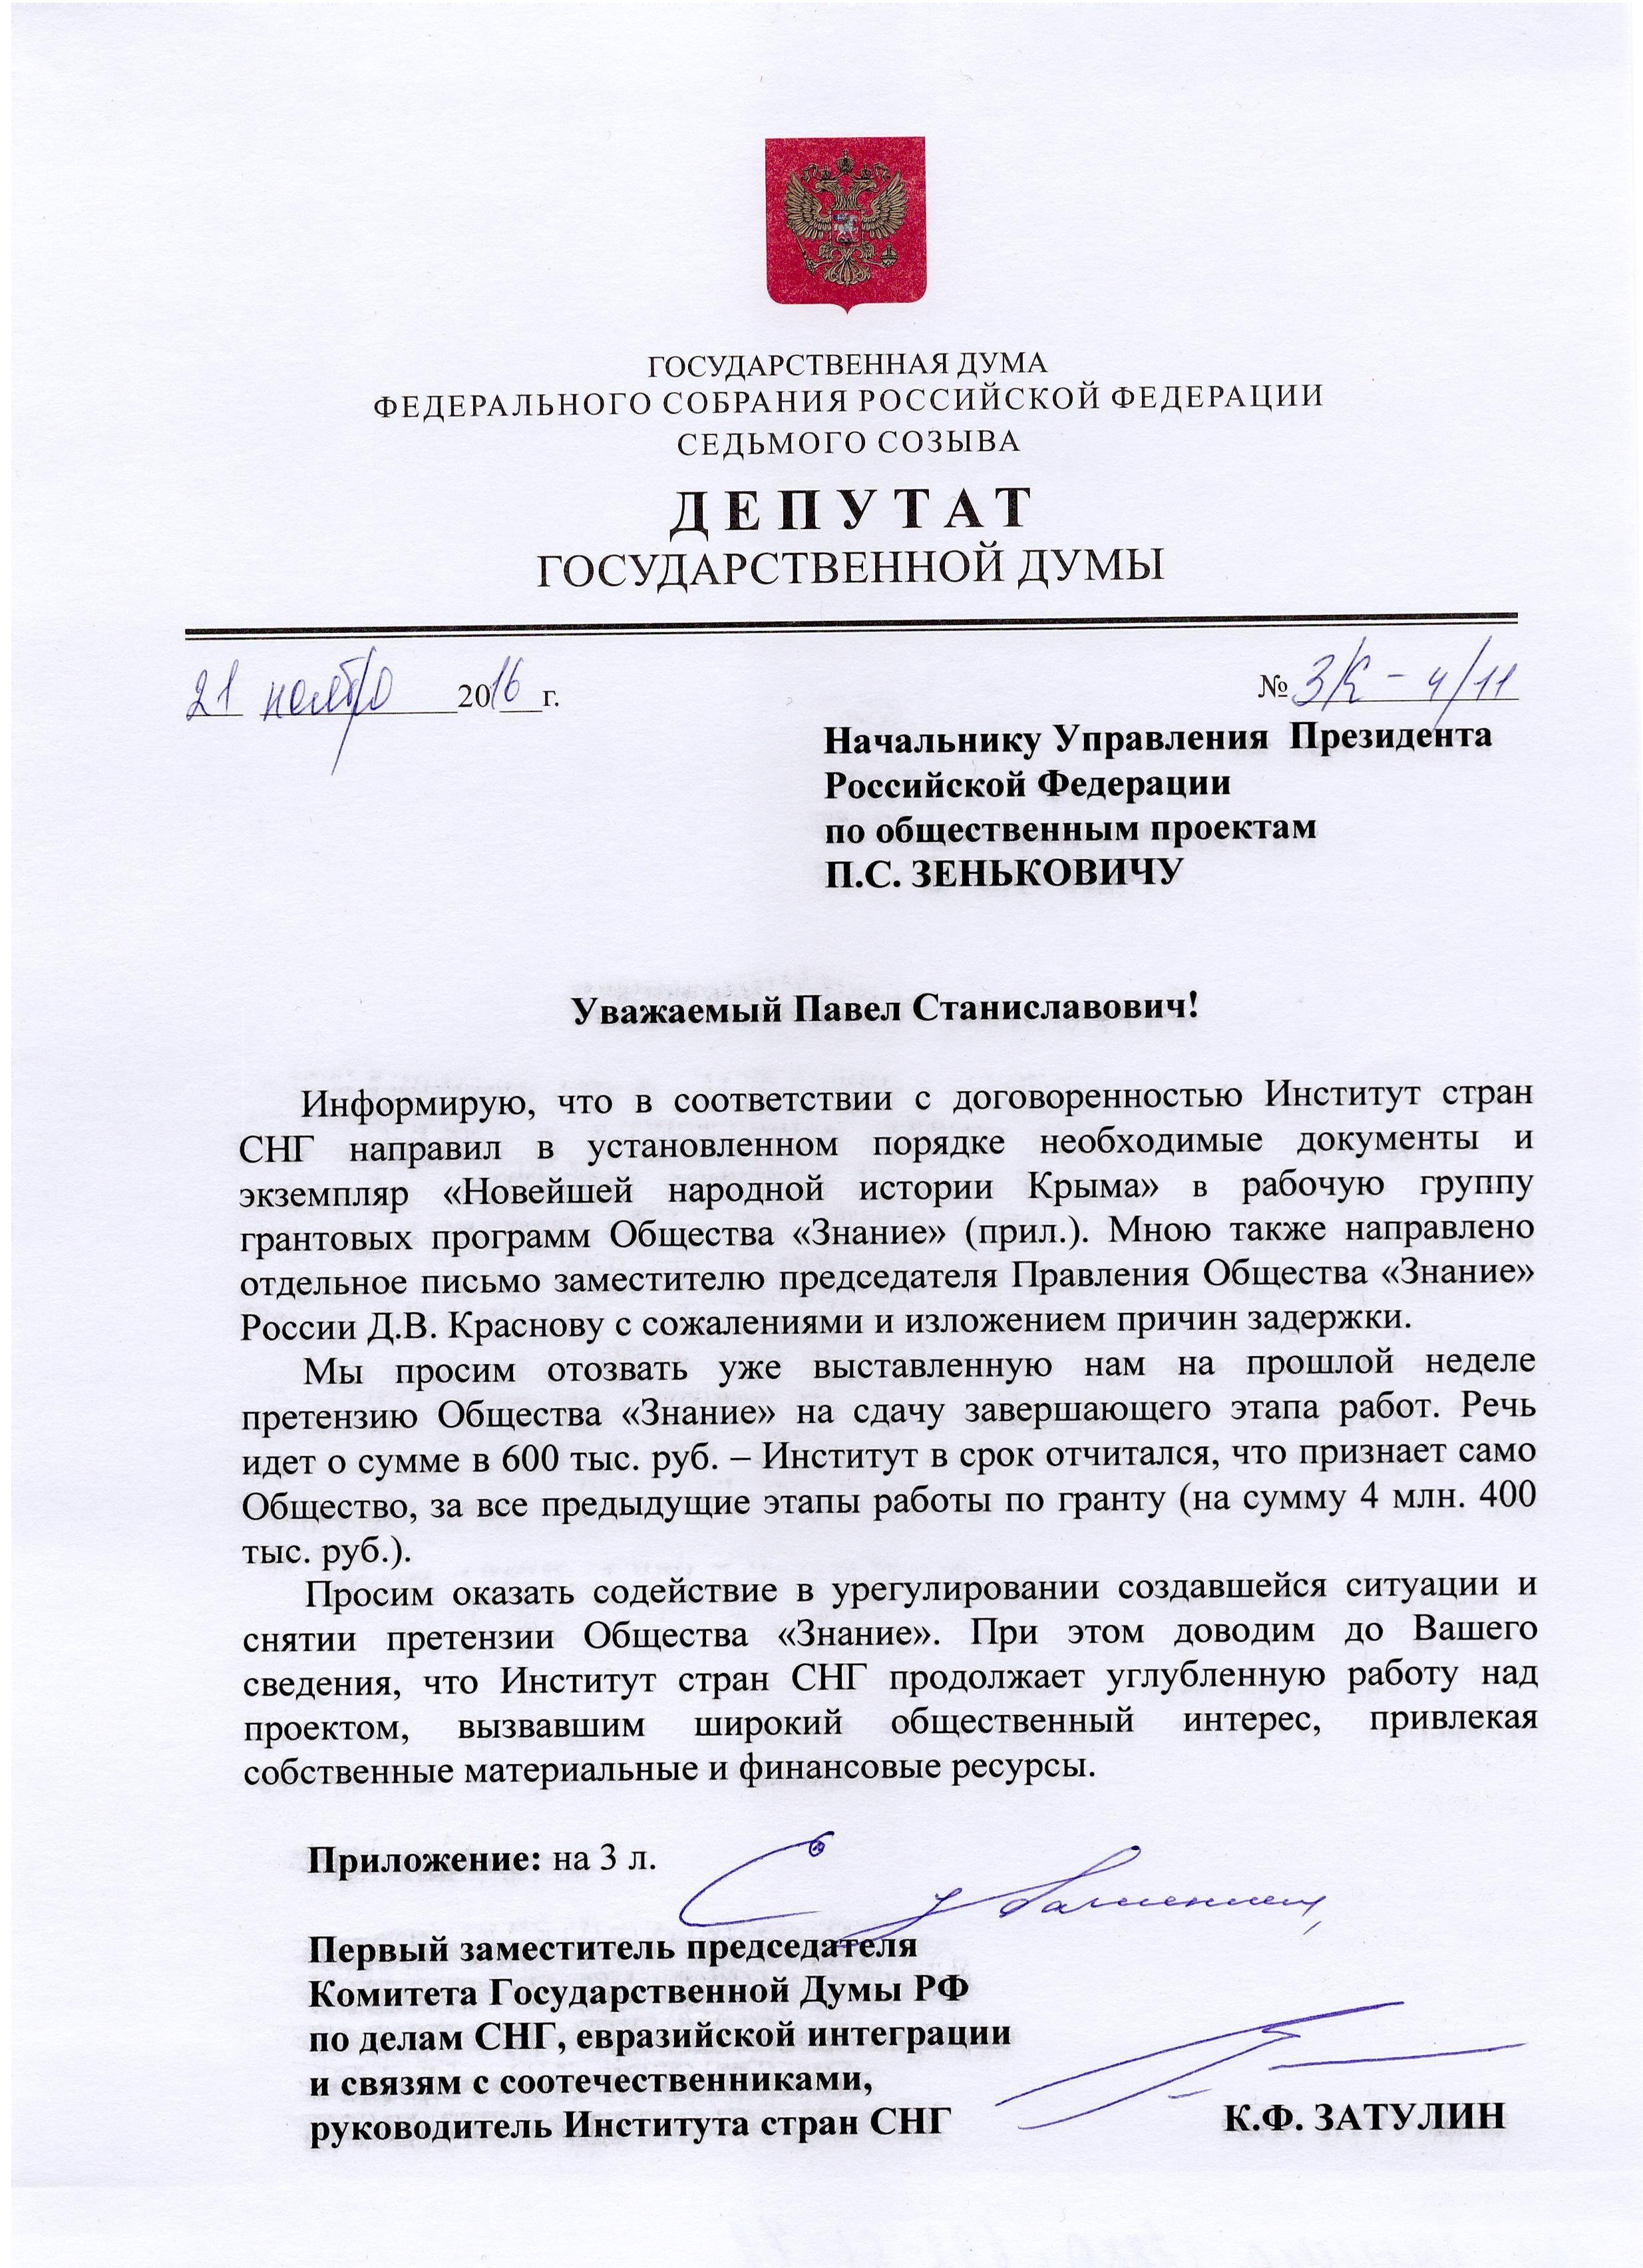 дамп документів інститут снд_2